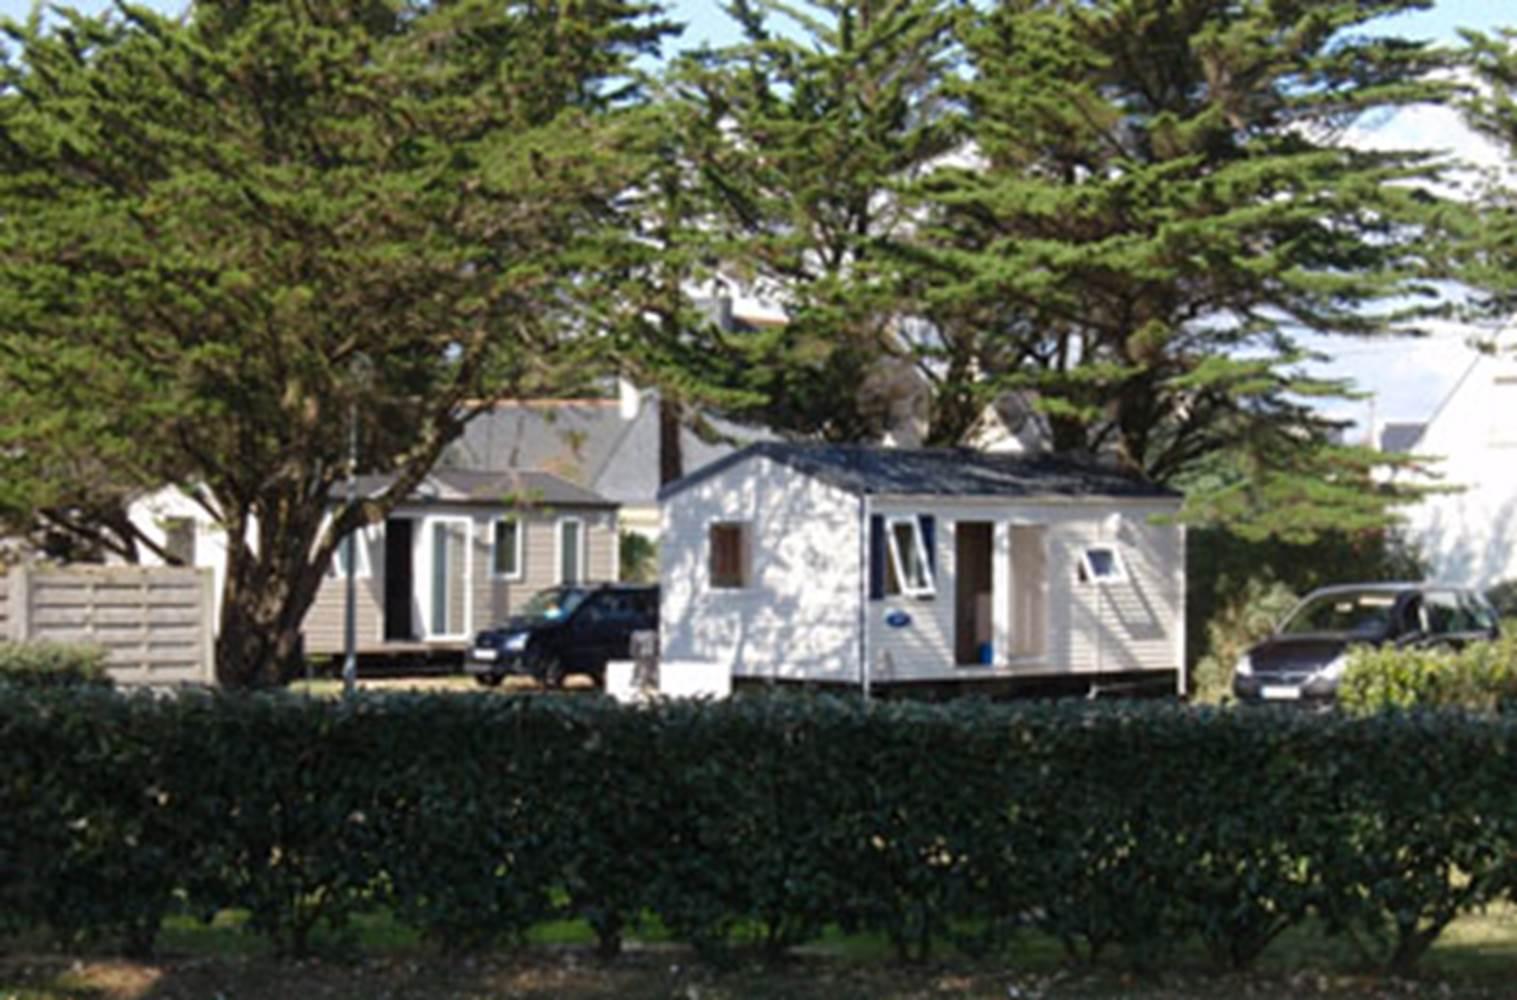 Location-Mobil-Home-Camping-La-Grée-Penvins-Sarzeau-Presqu'île-de-Rhuys-Golfe-du-Morbihan-Bretagne sud © Camping La Grée Penvins